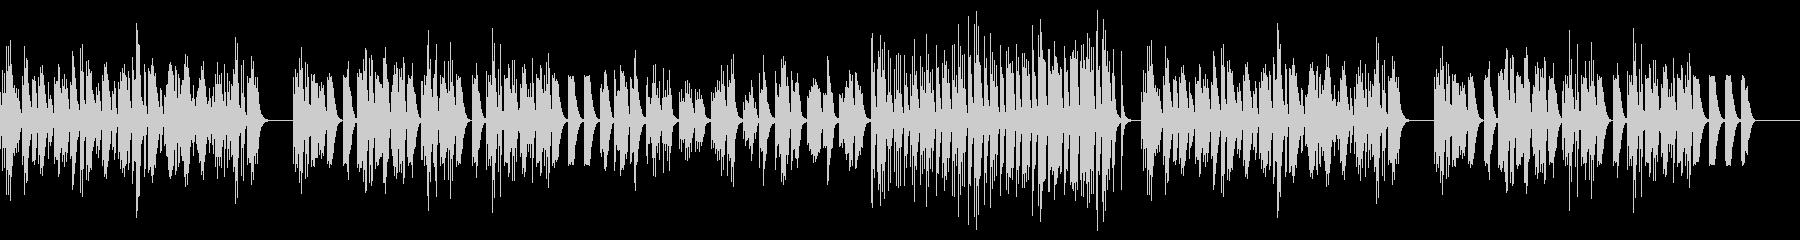 lo-fi風ピアノバラードの未再生の波形